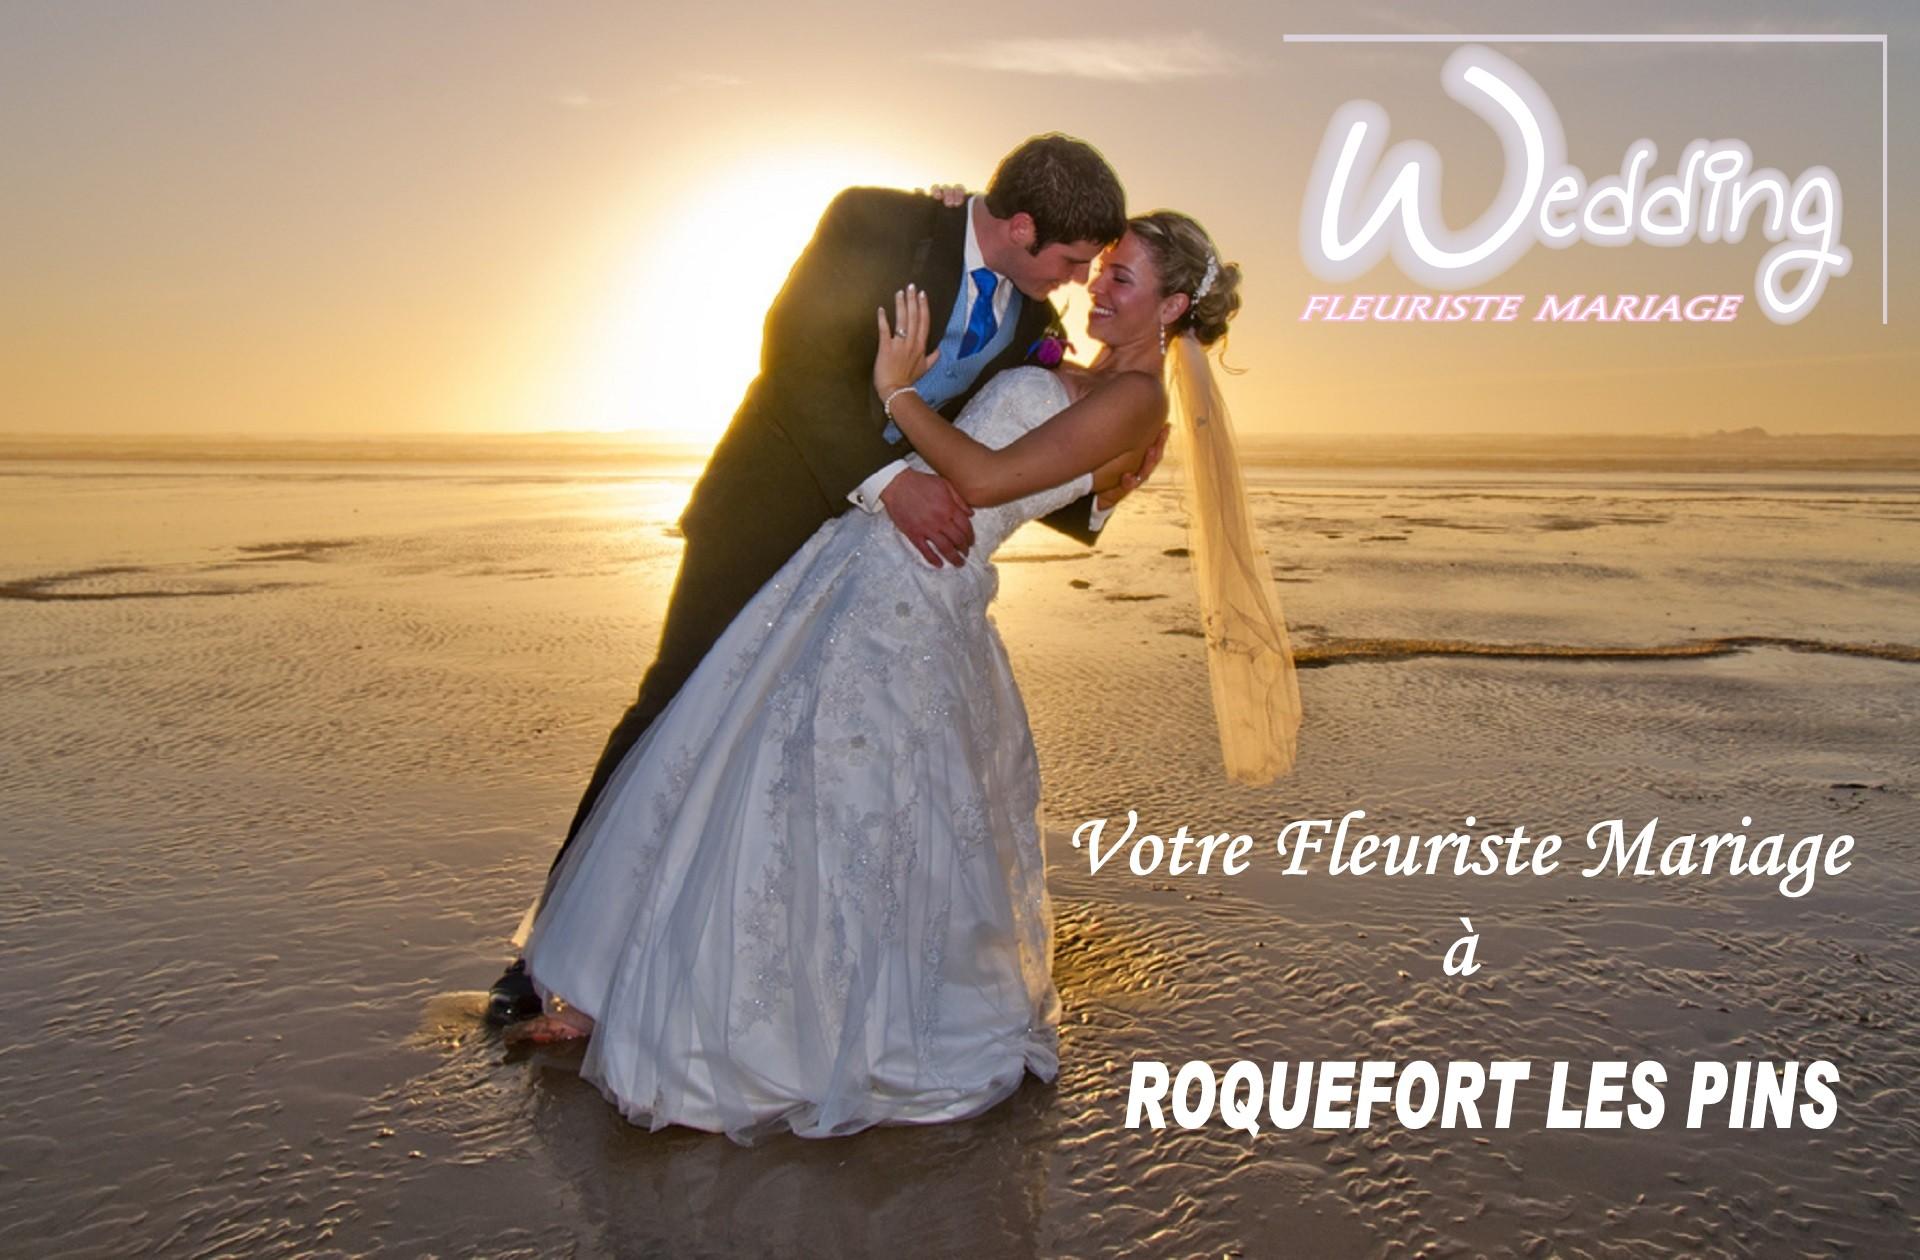 FLEURISTE MARIAGE ROQUEFORT LES PINS - WEDDING PLANNER ROQUEFORT LES PINS - TRAITEUR ROQUEFORT LES PINS